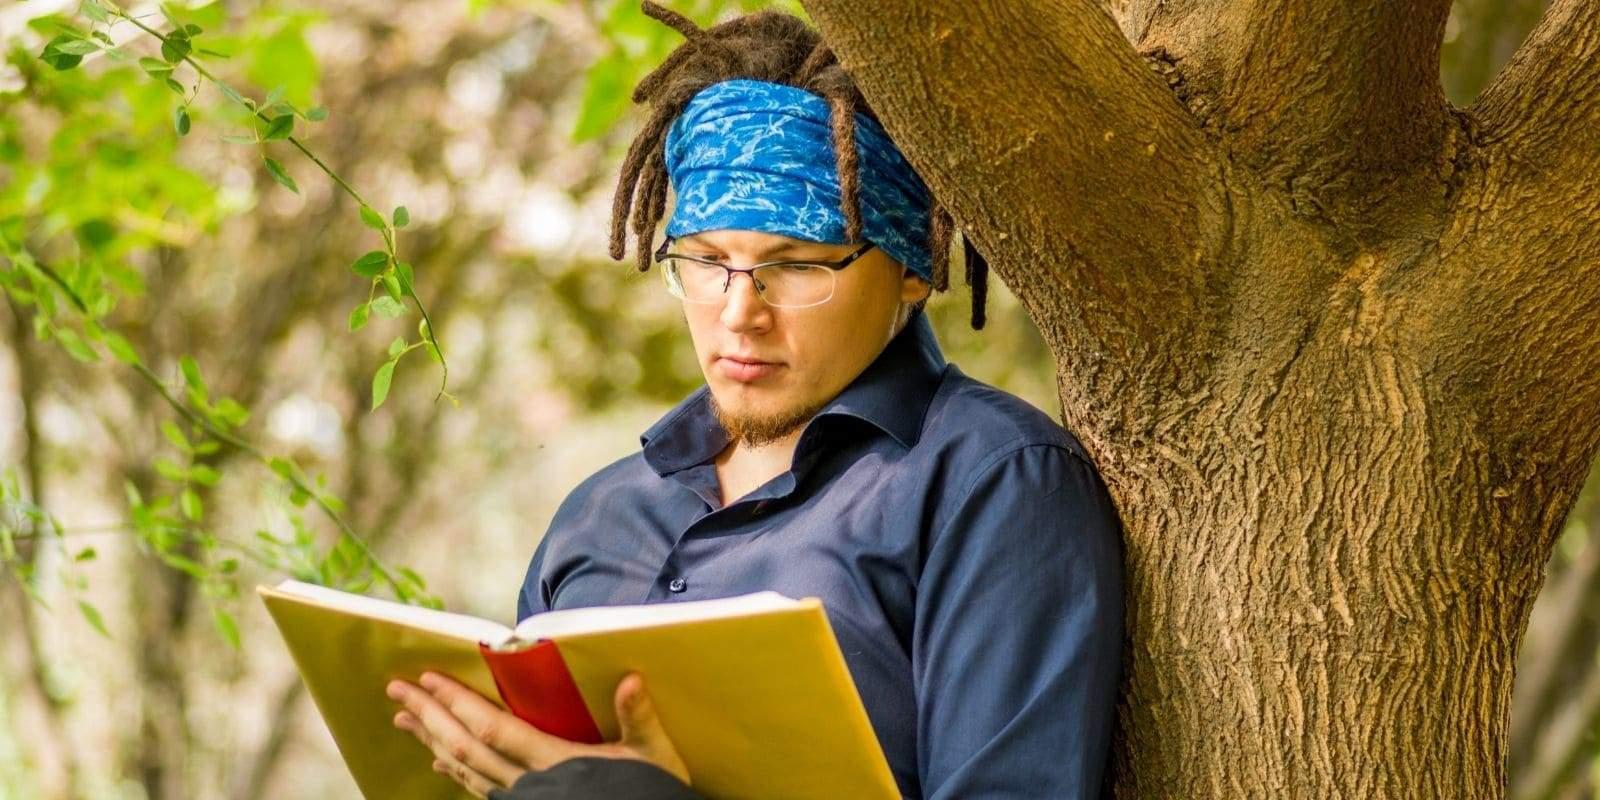 Homme avec dreadlocks pose contre un arbre en train de lire